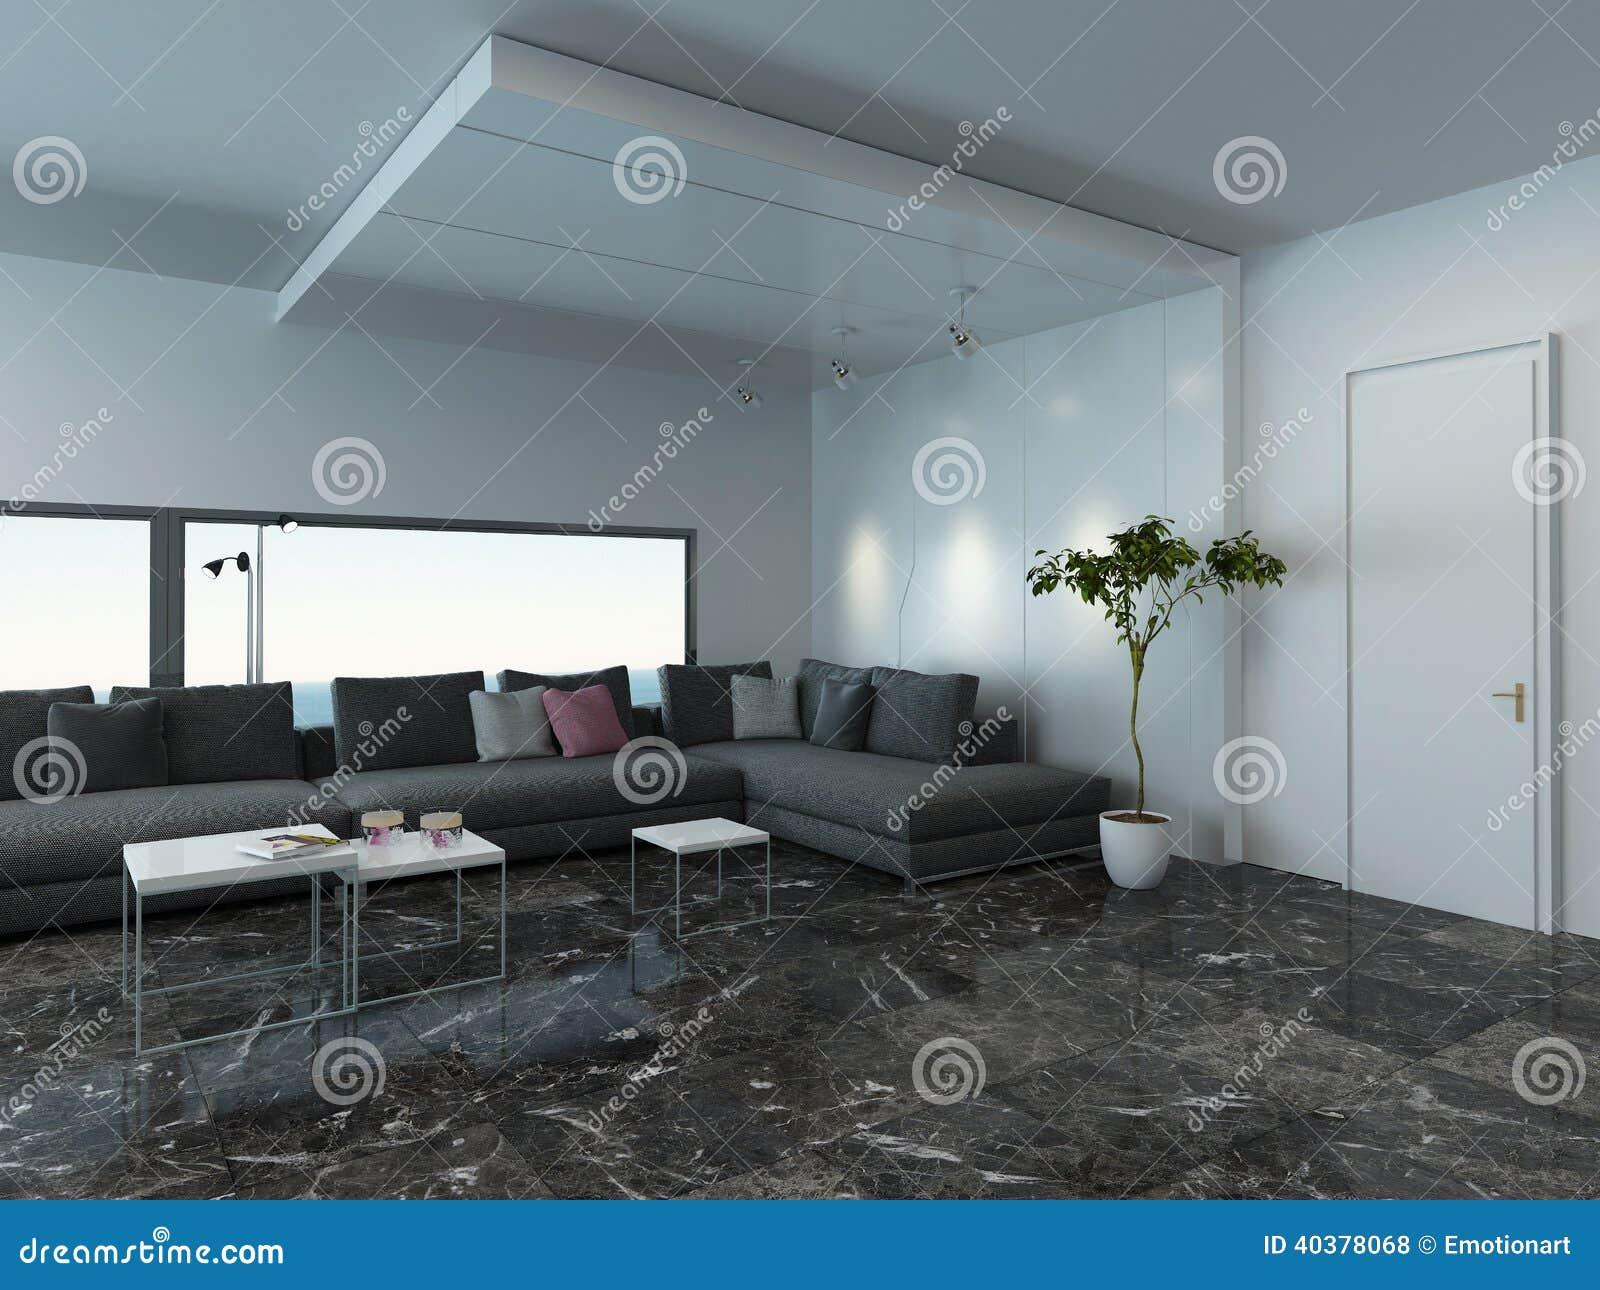 Wohnzimmer mit grauem couch und marmorboden stockfoto bild 40378068 - Marmorboden wohnzimmer ...